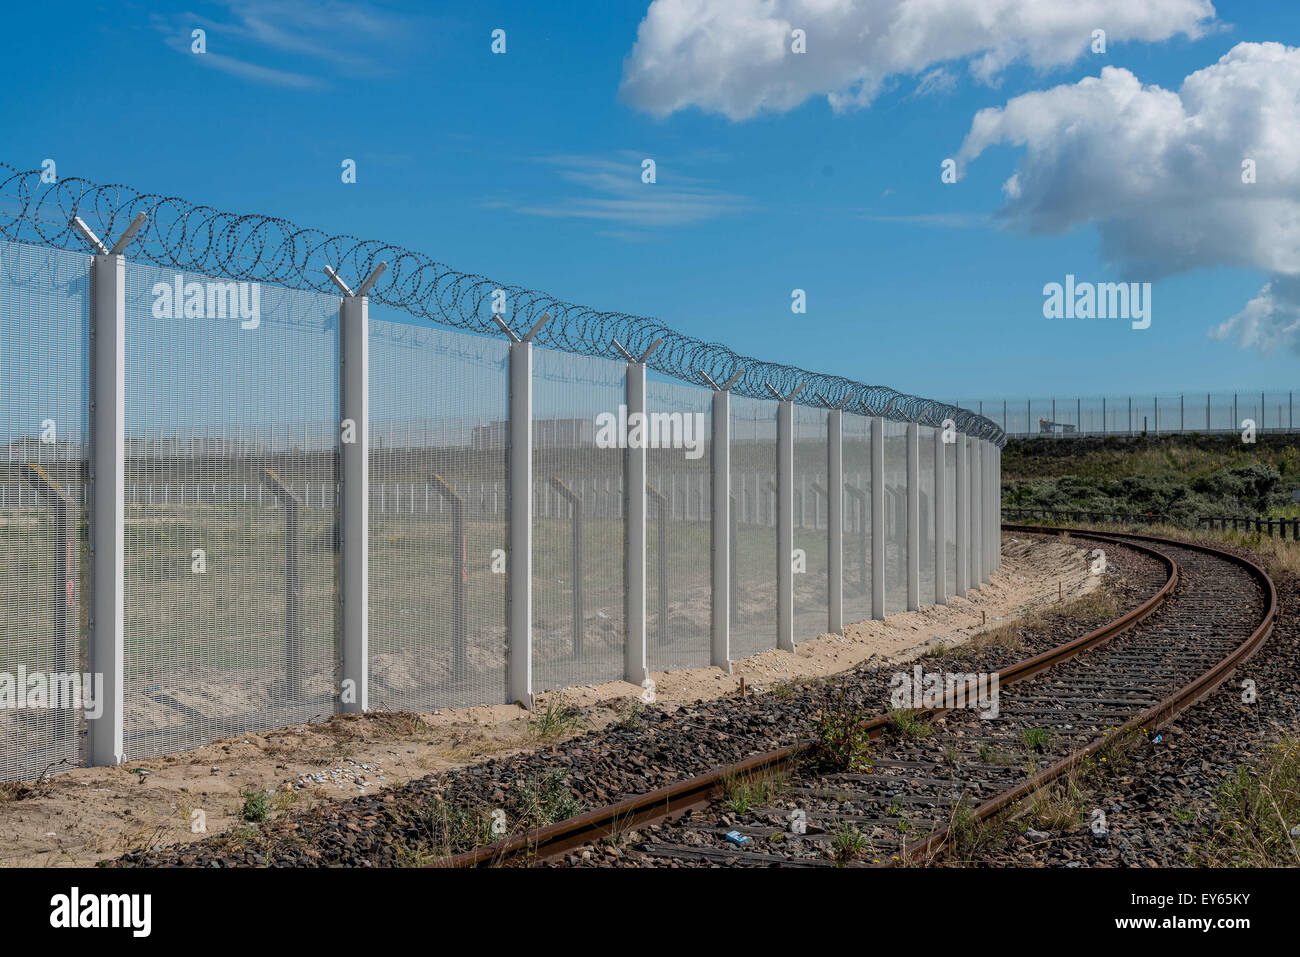 Calais Port Fence Stockfotos & Calais Port Fence Bilder - Alamy